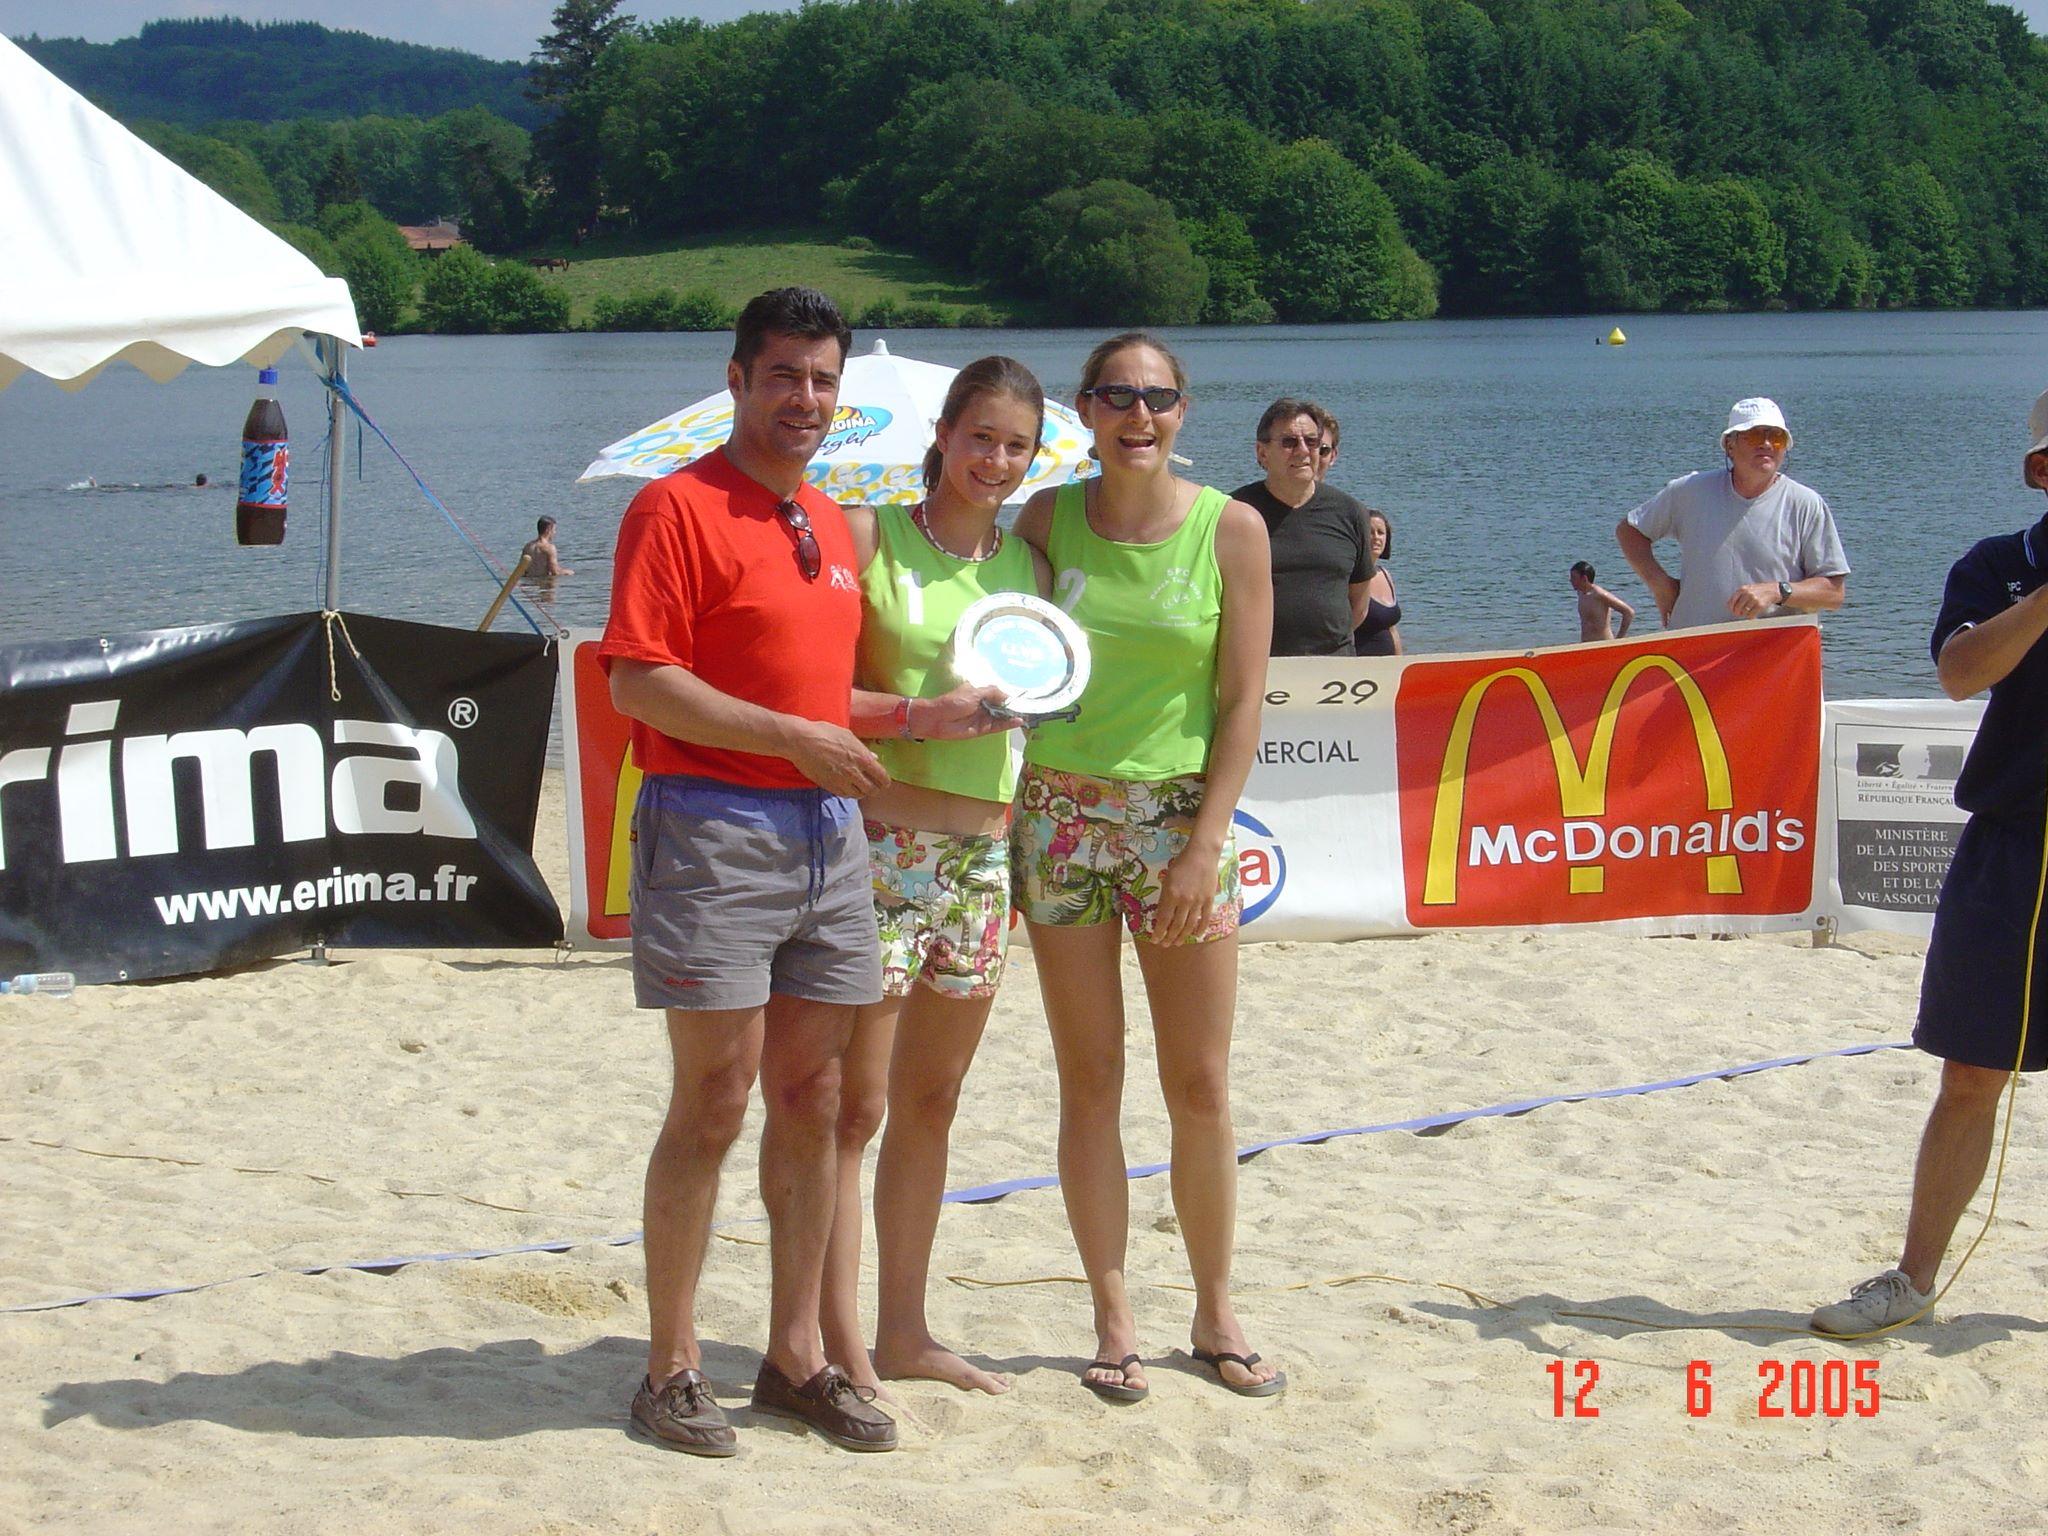 Organisation champinnat de Beach 2005